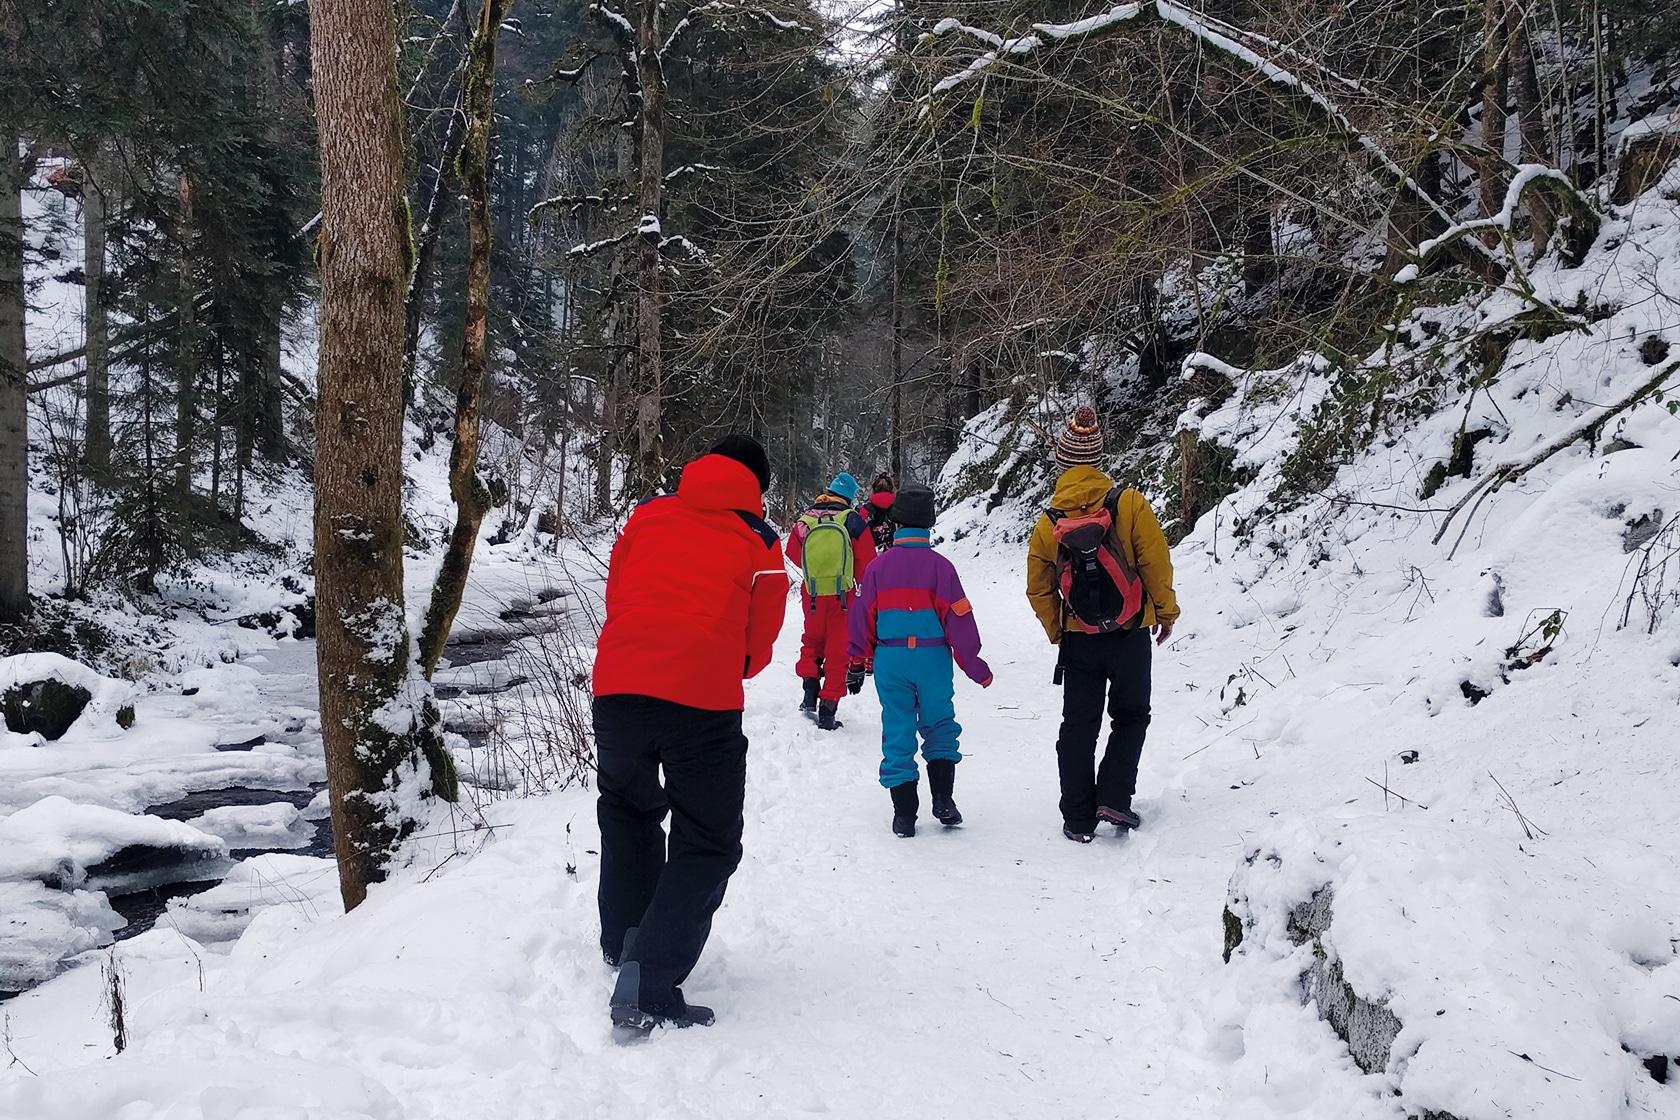 Les services - Enfants jouant dans la neige - École Expérimentale de Bonneuil